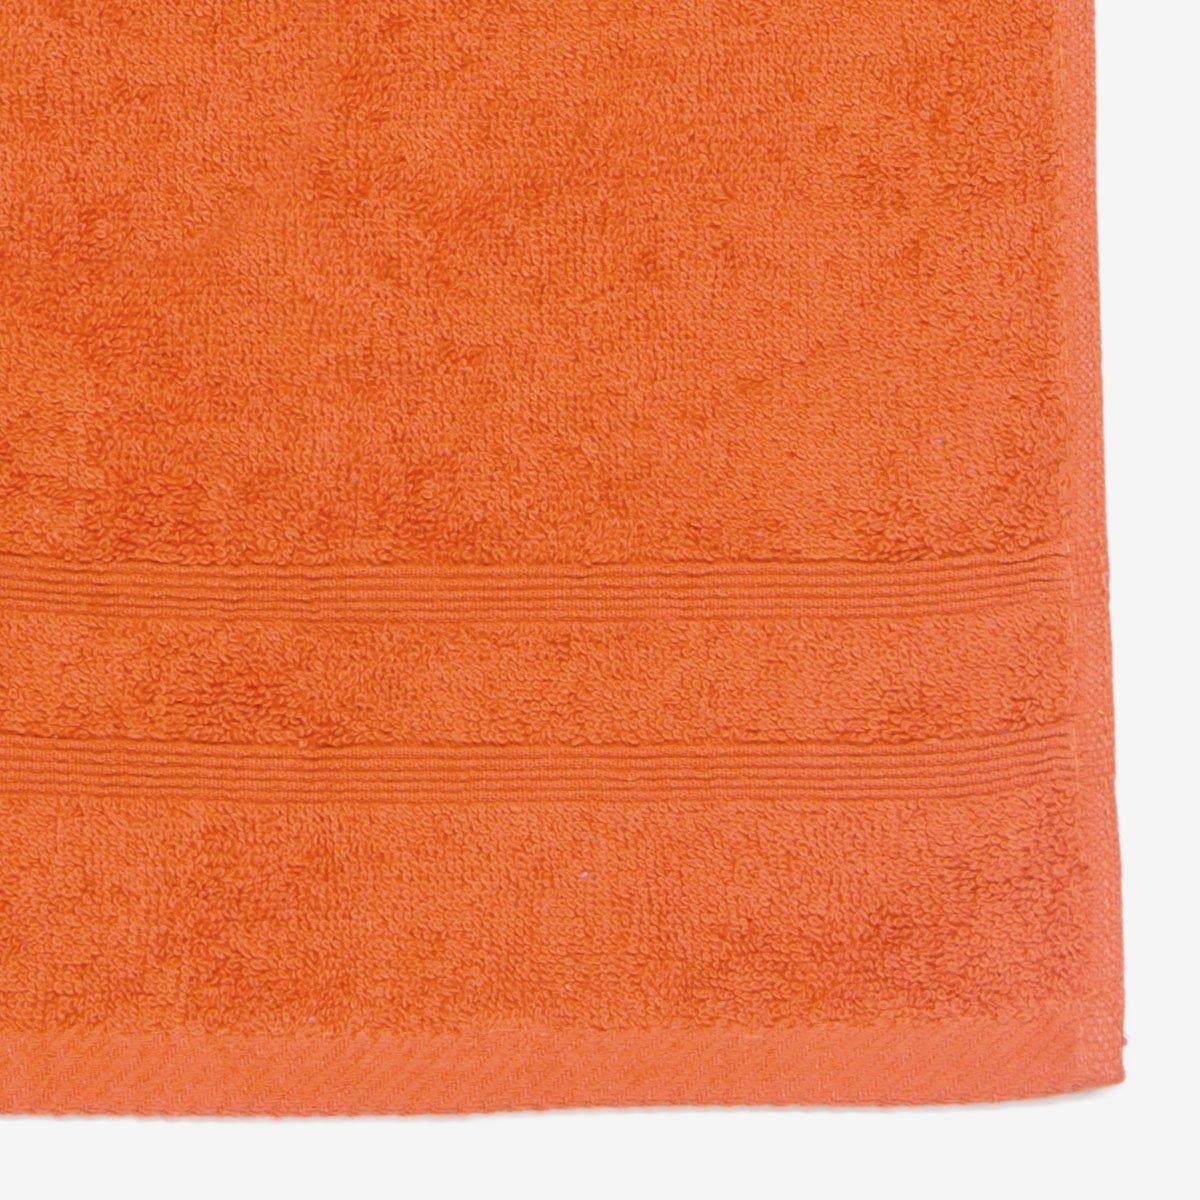 100/% Algod/ón rizo 30x50 cm Sancarlos Densidad 500 gr//m2 Toalla lisa de tocador MARE Color Coral